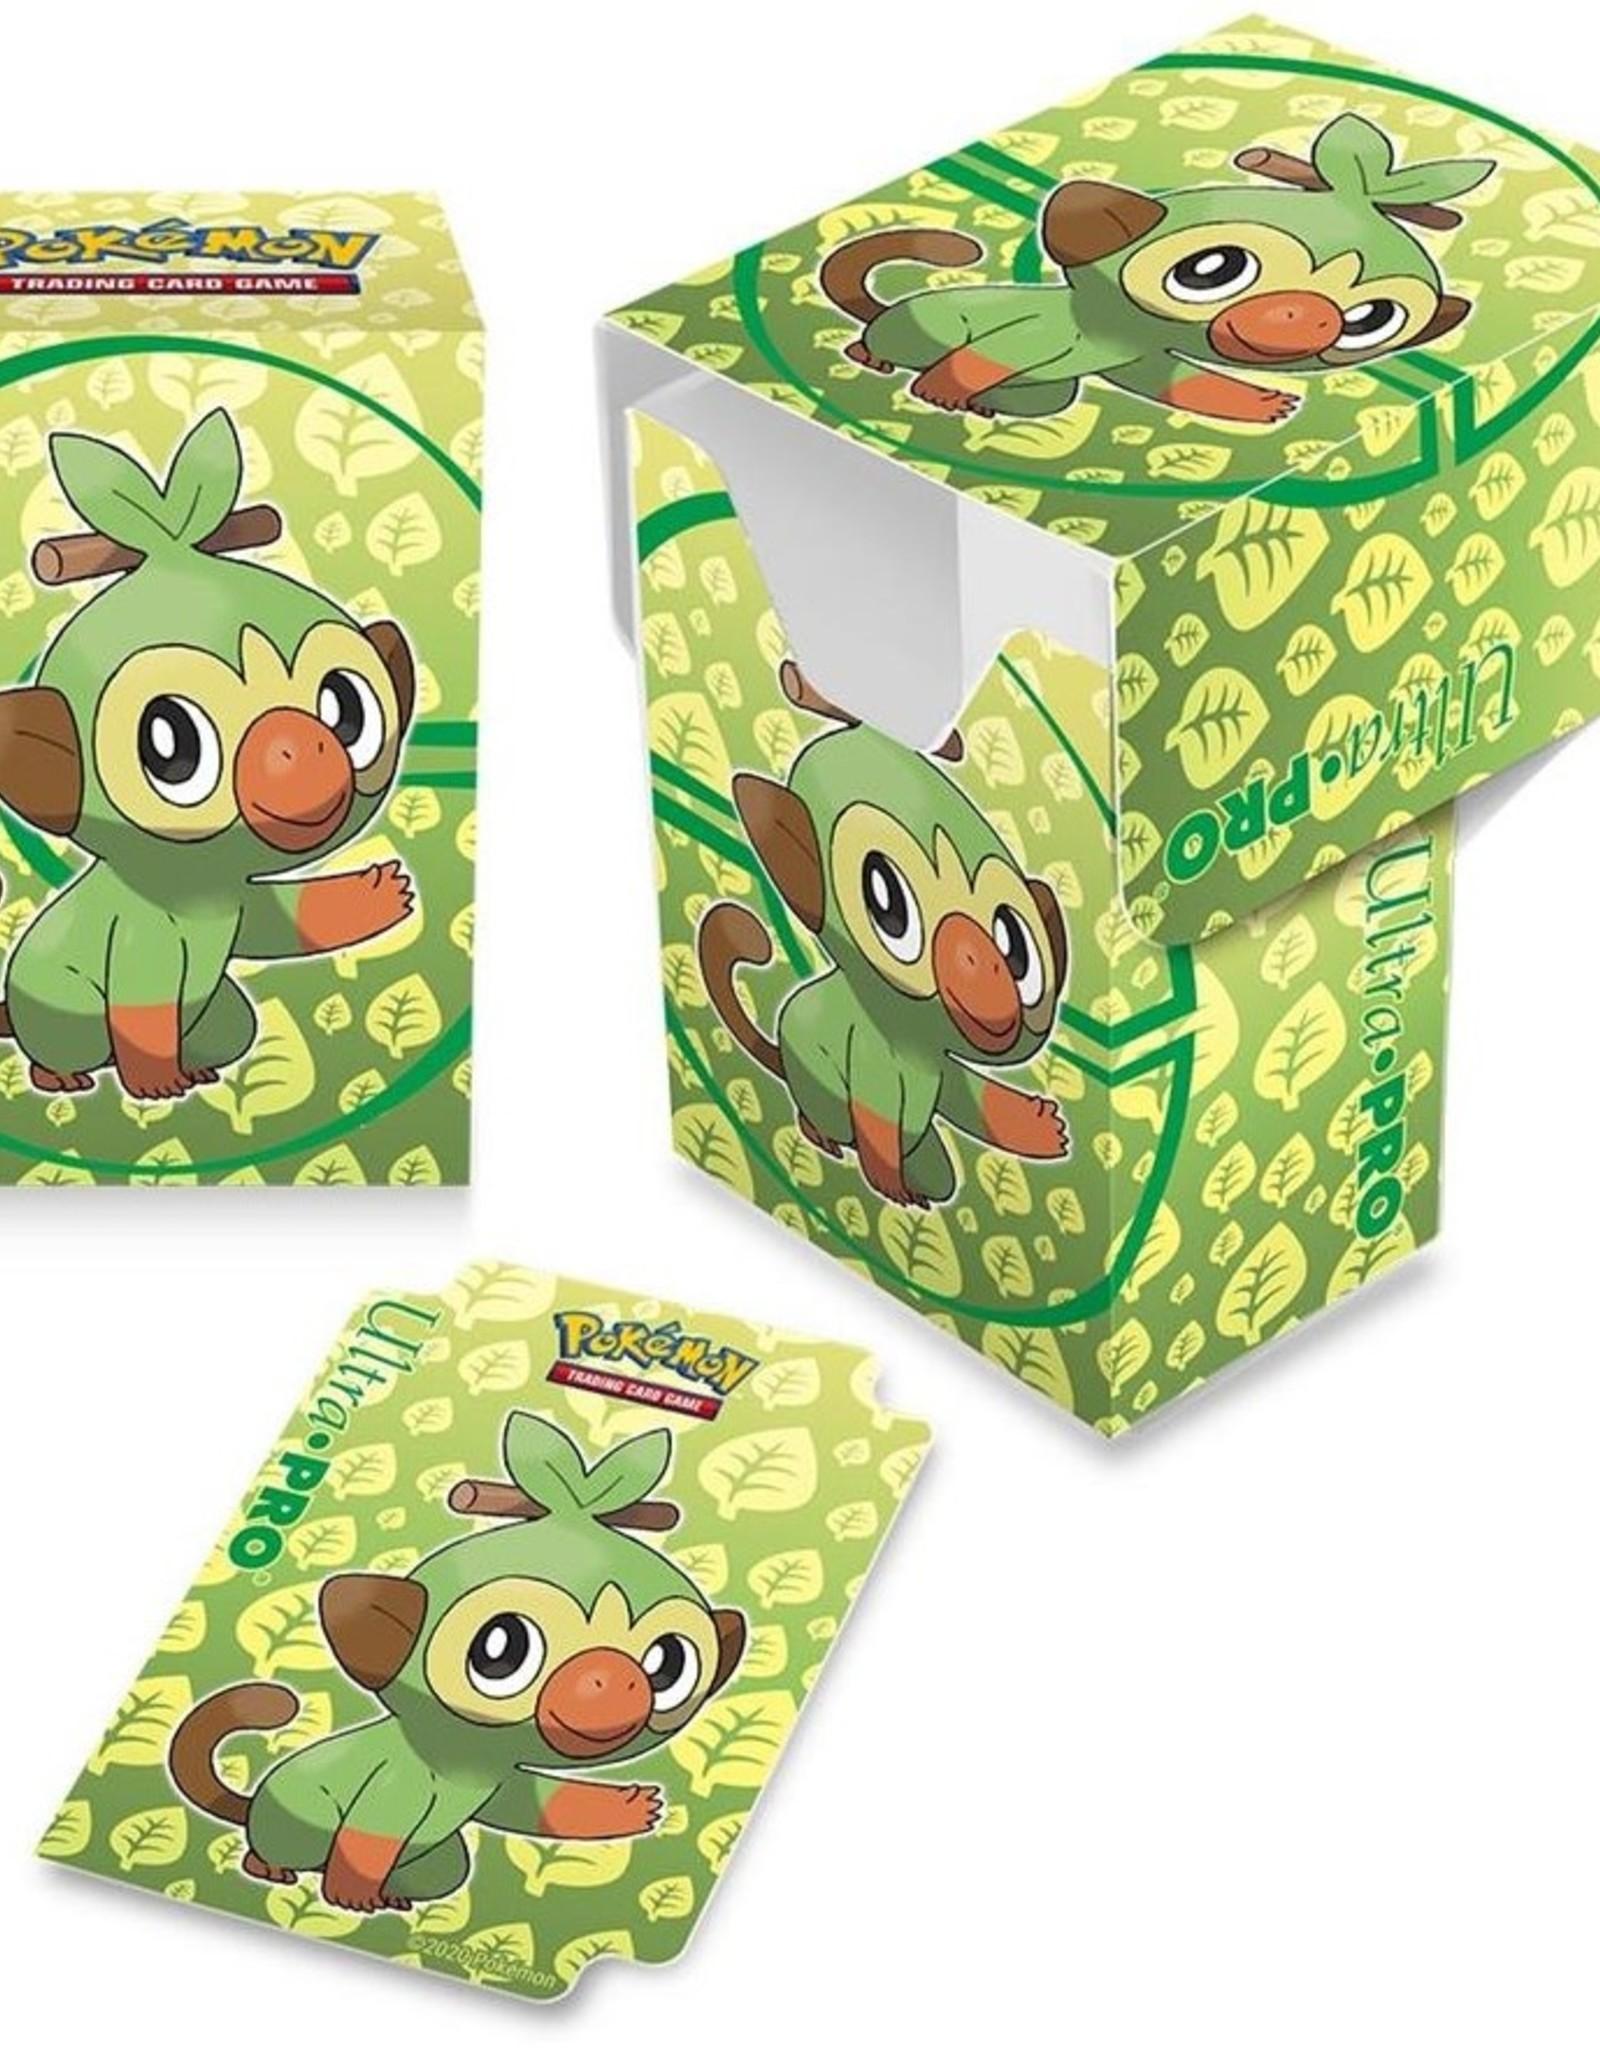 Ultra Pro Deck Box Pokemon Sword & Shield Galar Starters Grookey